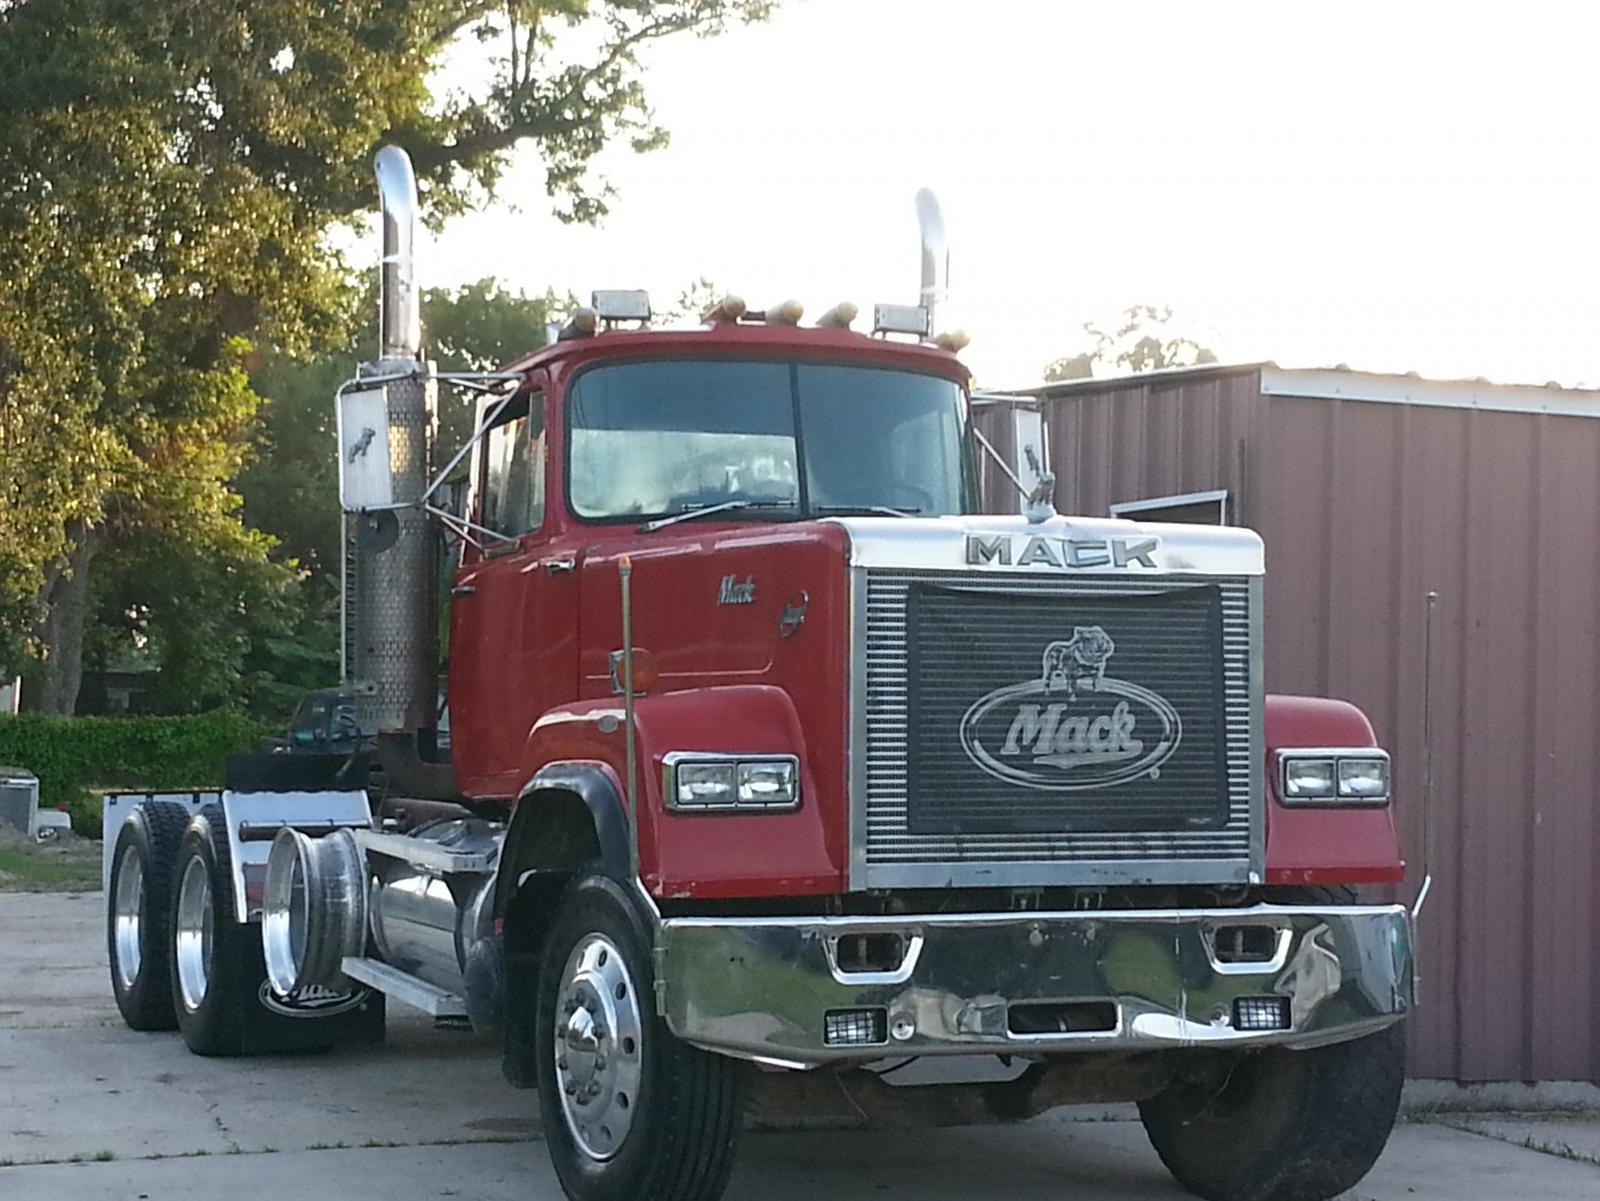 1987 mack superliner E9 500 12 spd 436,000 miles - Trucks ...